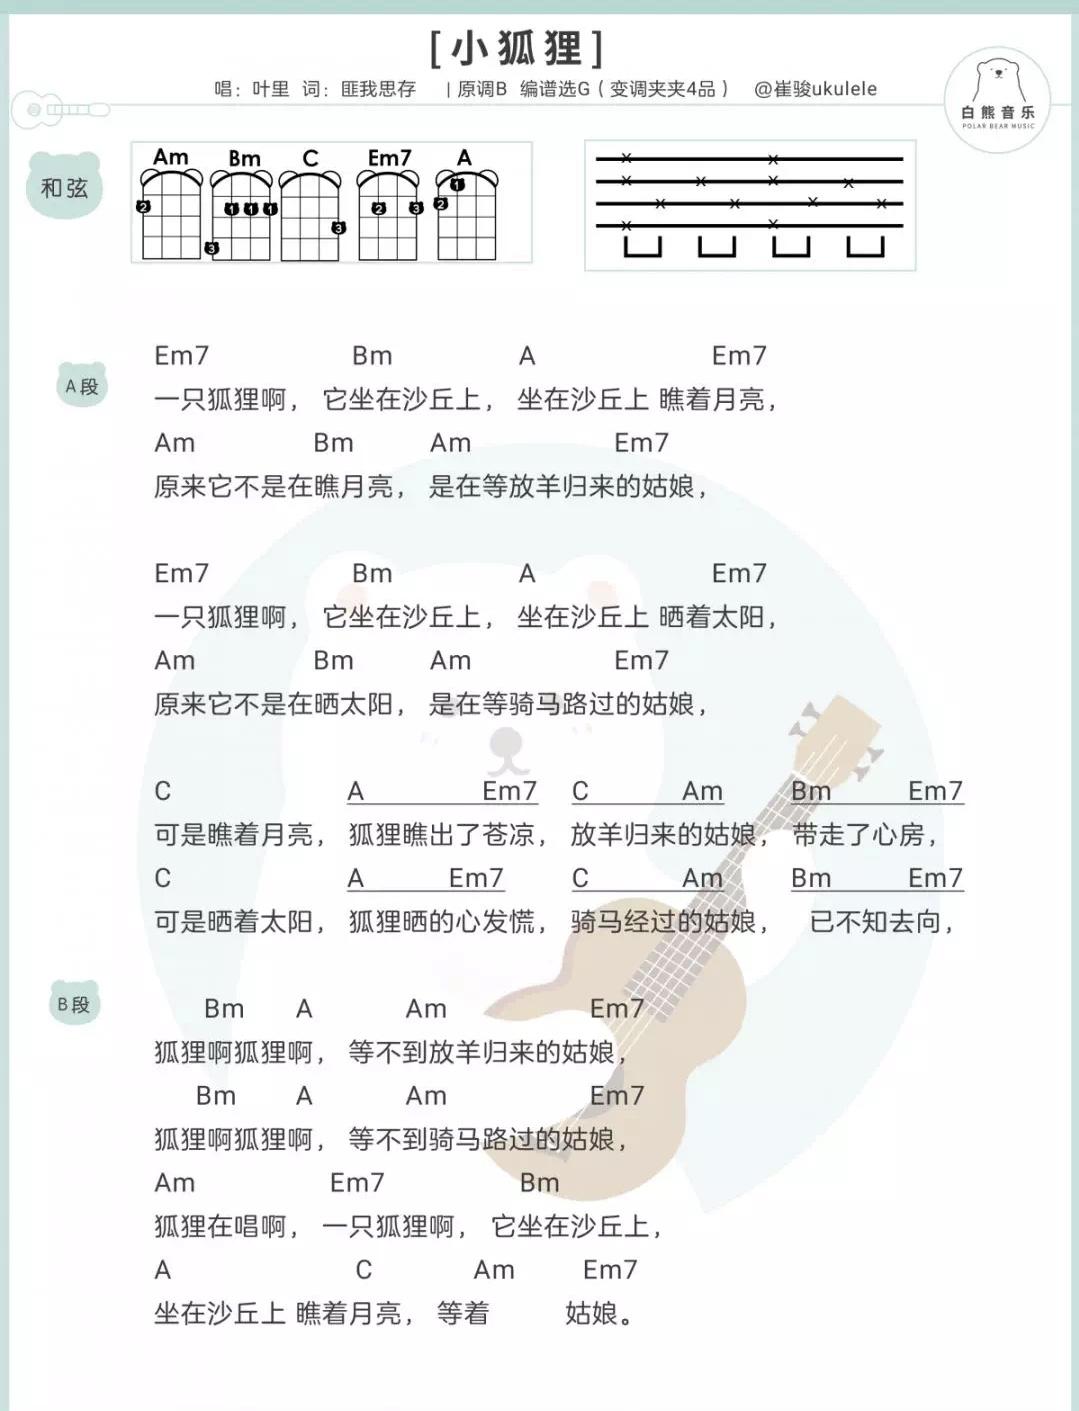 《小狐狸》叶里 尤克里里弹唱曲谱-C大调音乐网